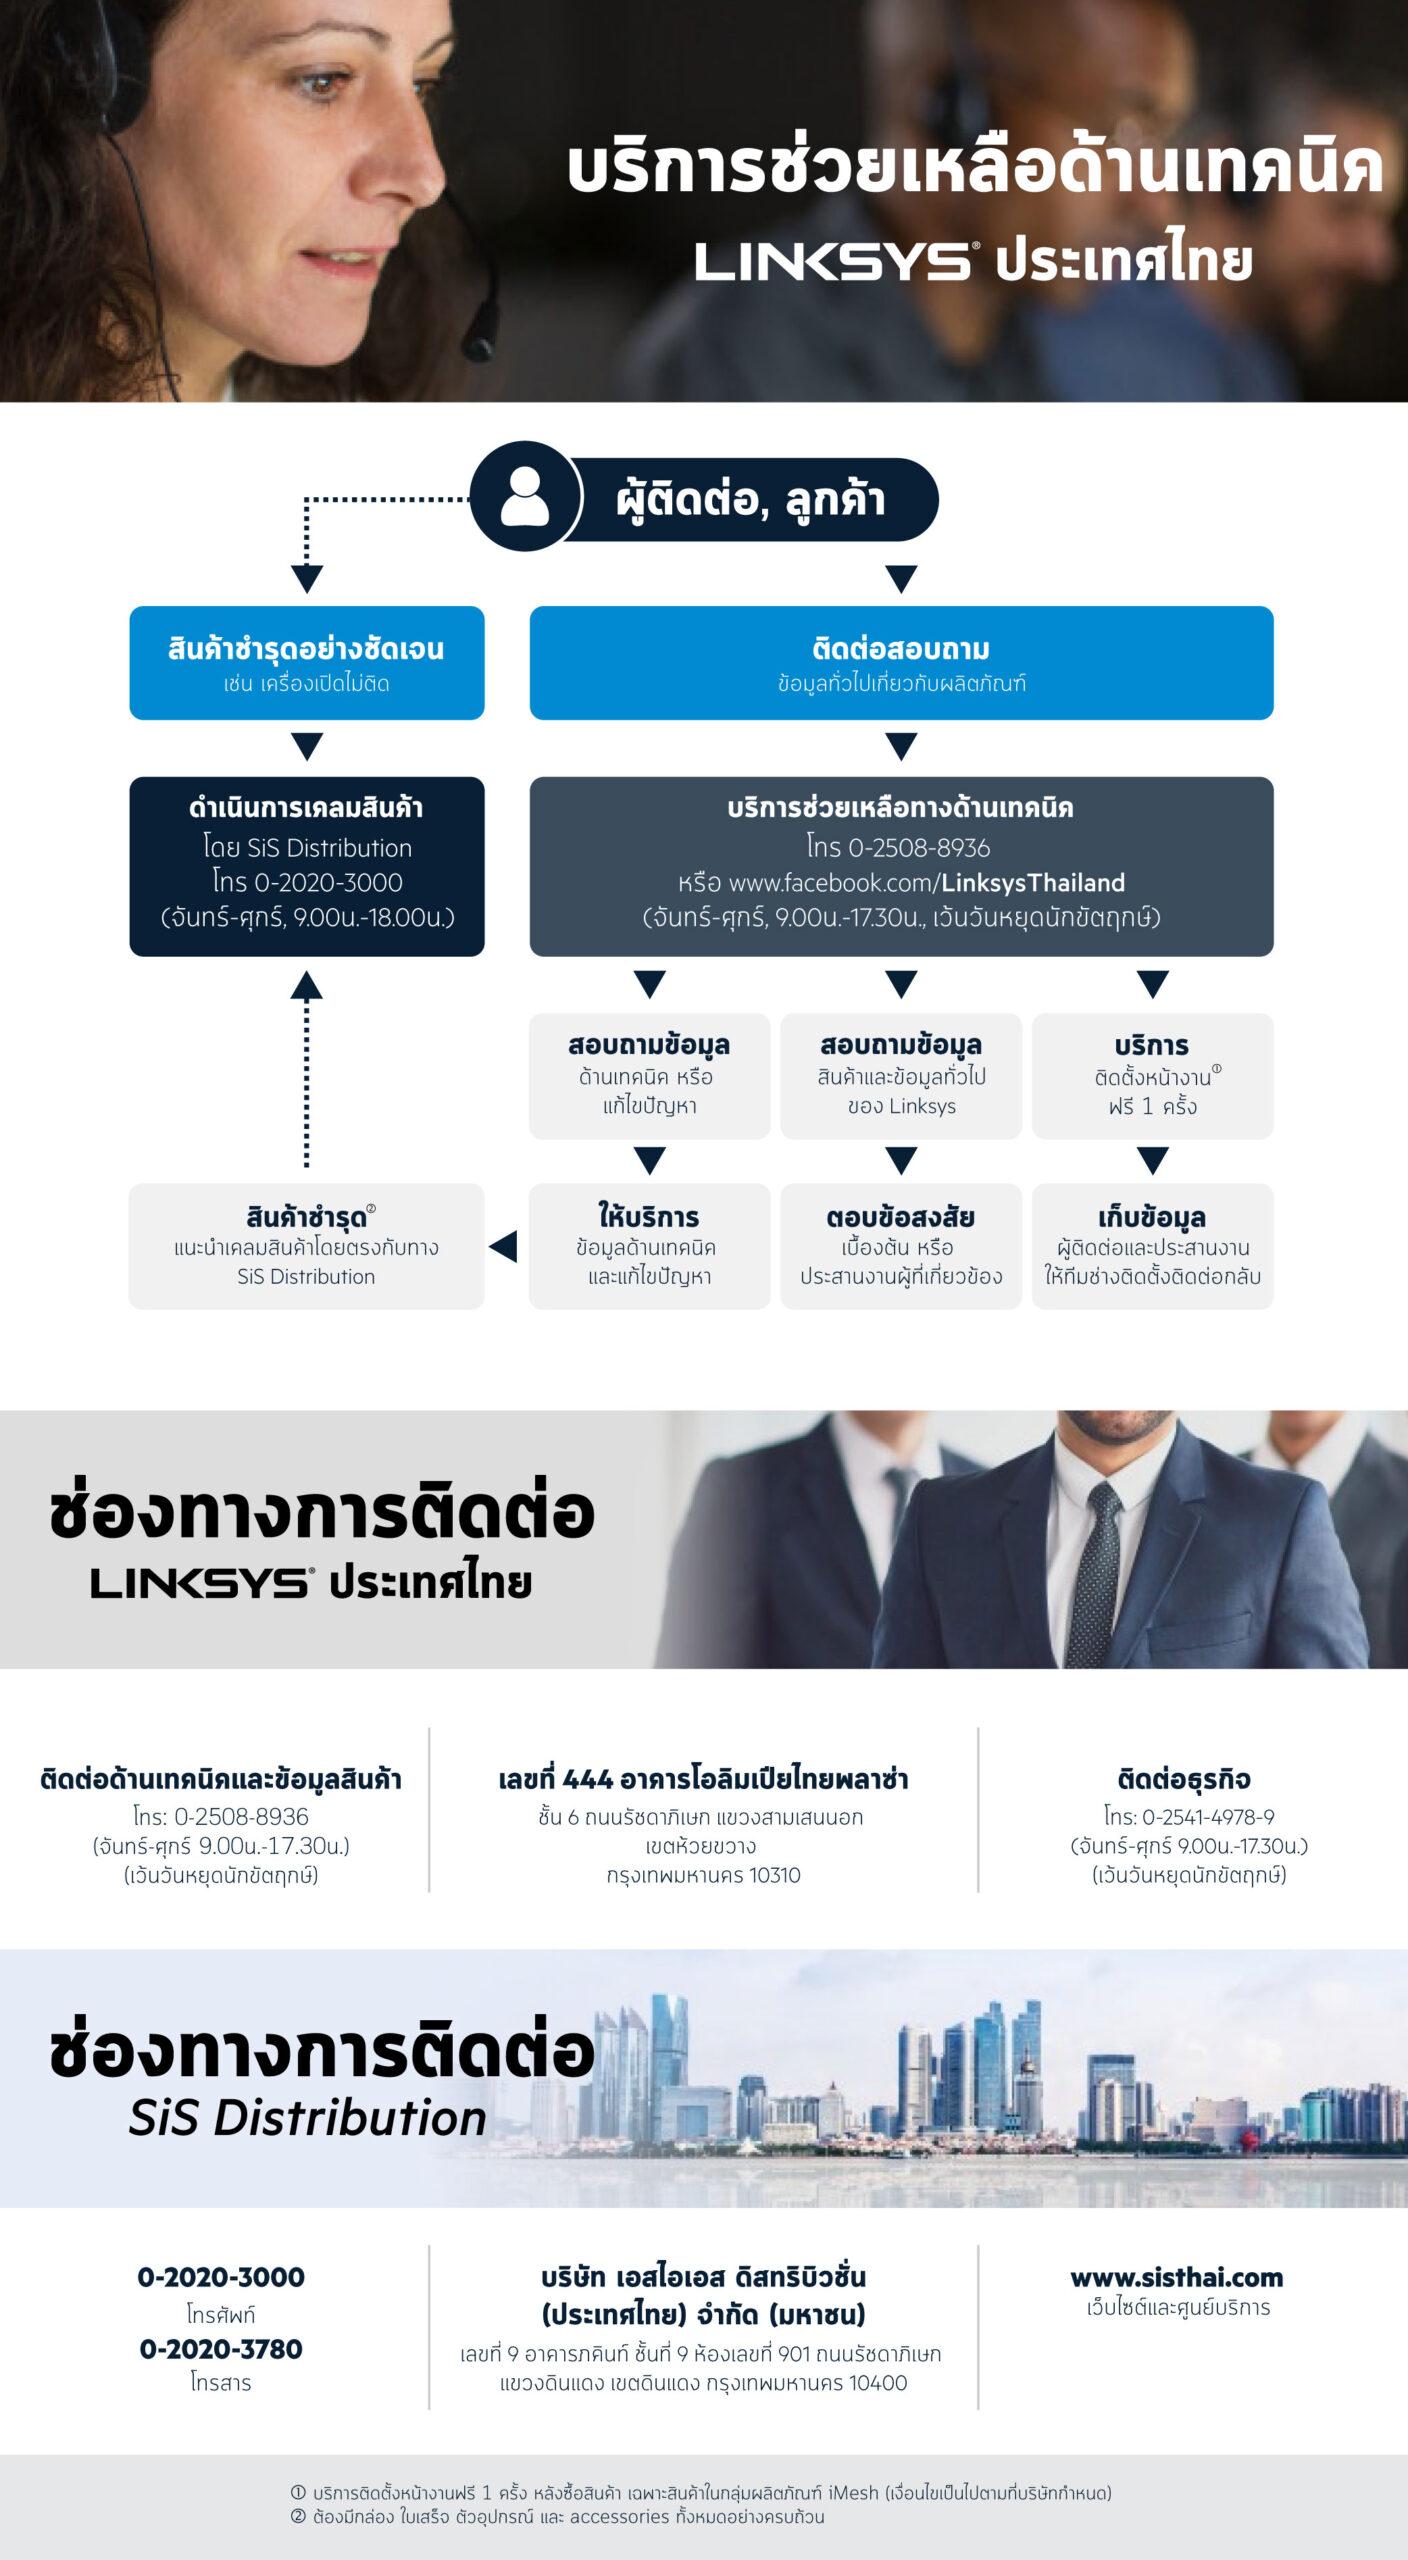 การให้บริการลูกค้าสัมพันธ์ Linksys ประเทศไทย